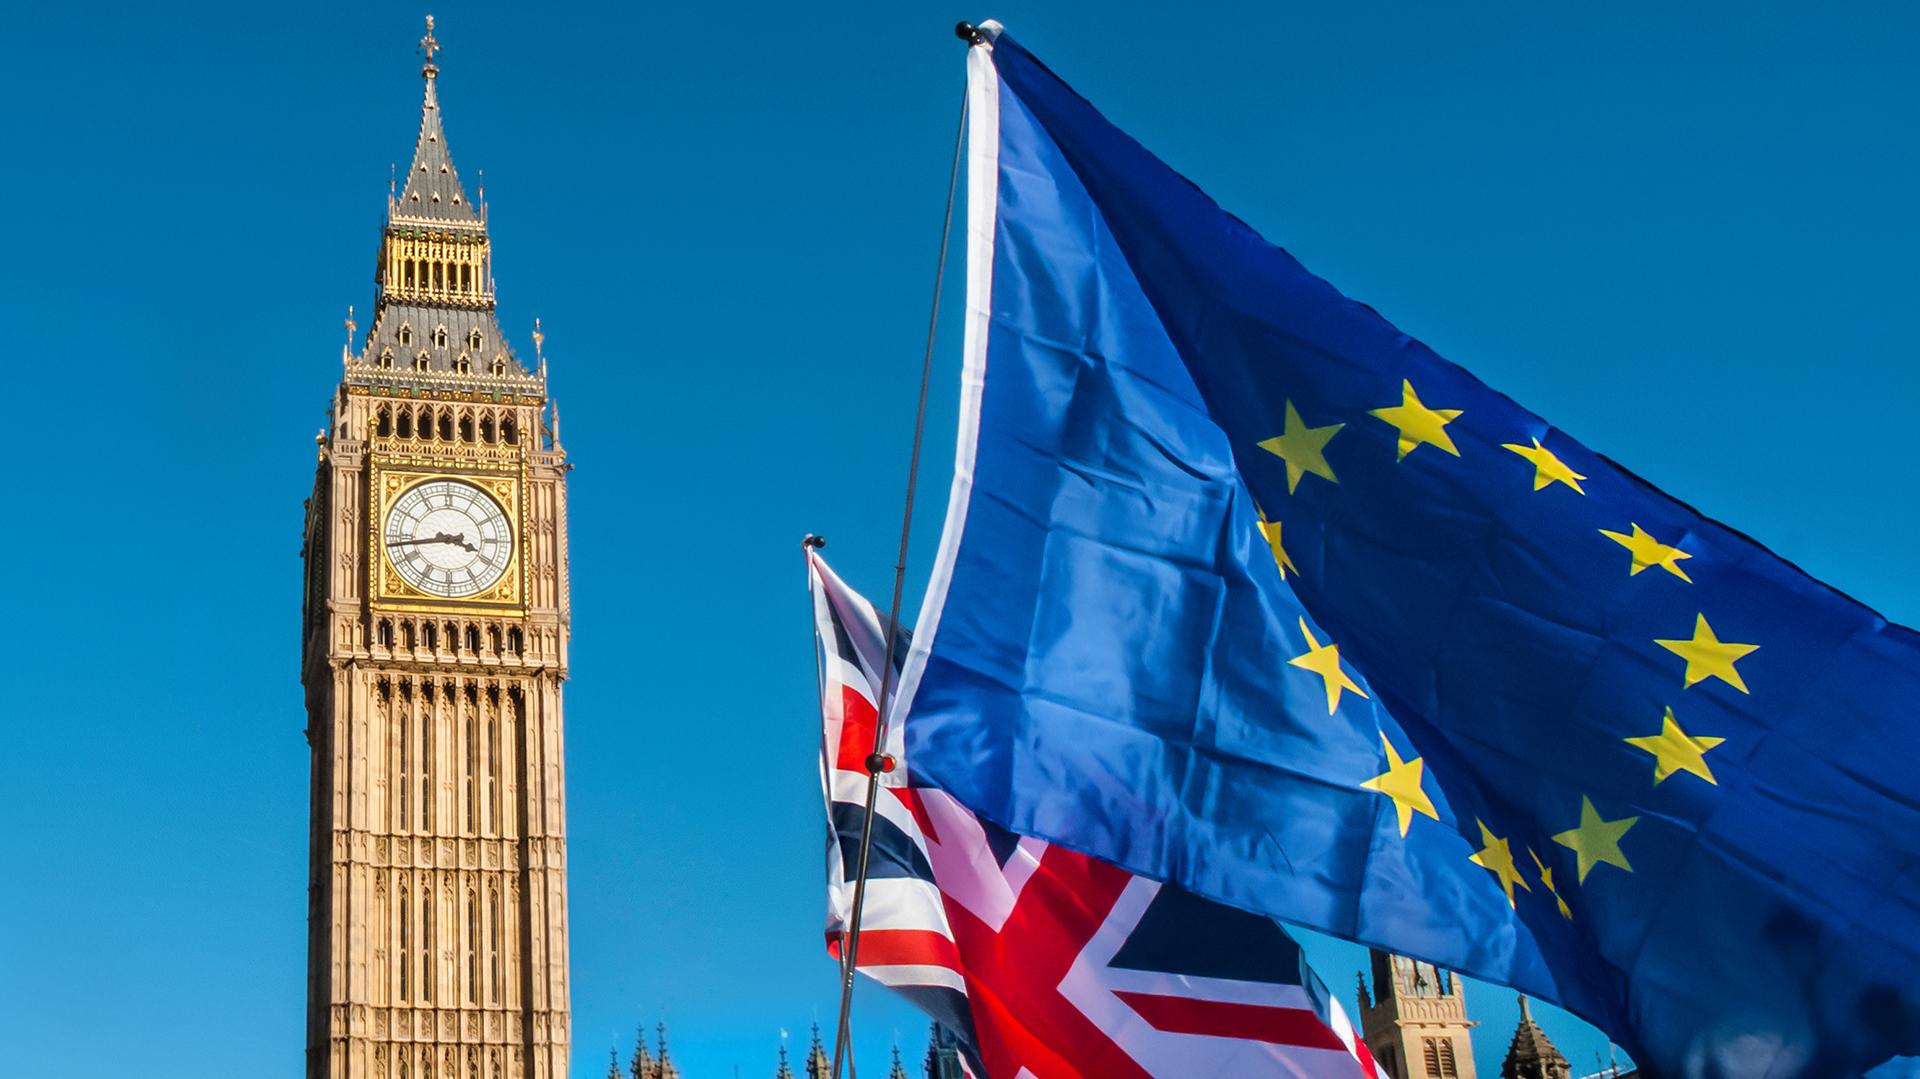 El 23 de junio de 2016 Inglaterra votó por la salida del país de la Unión Europea. El 29 de marzo de 2019 se espera que esta decisión entre en vigor (Getty)